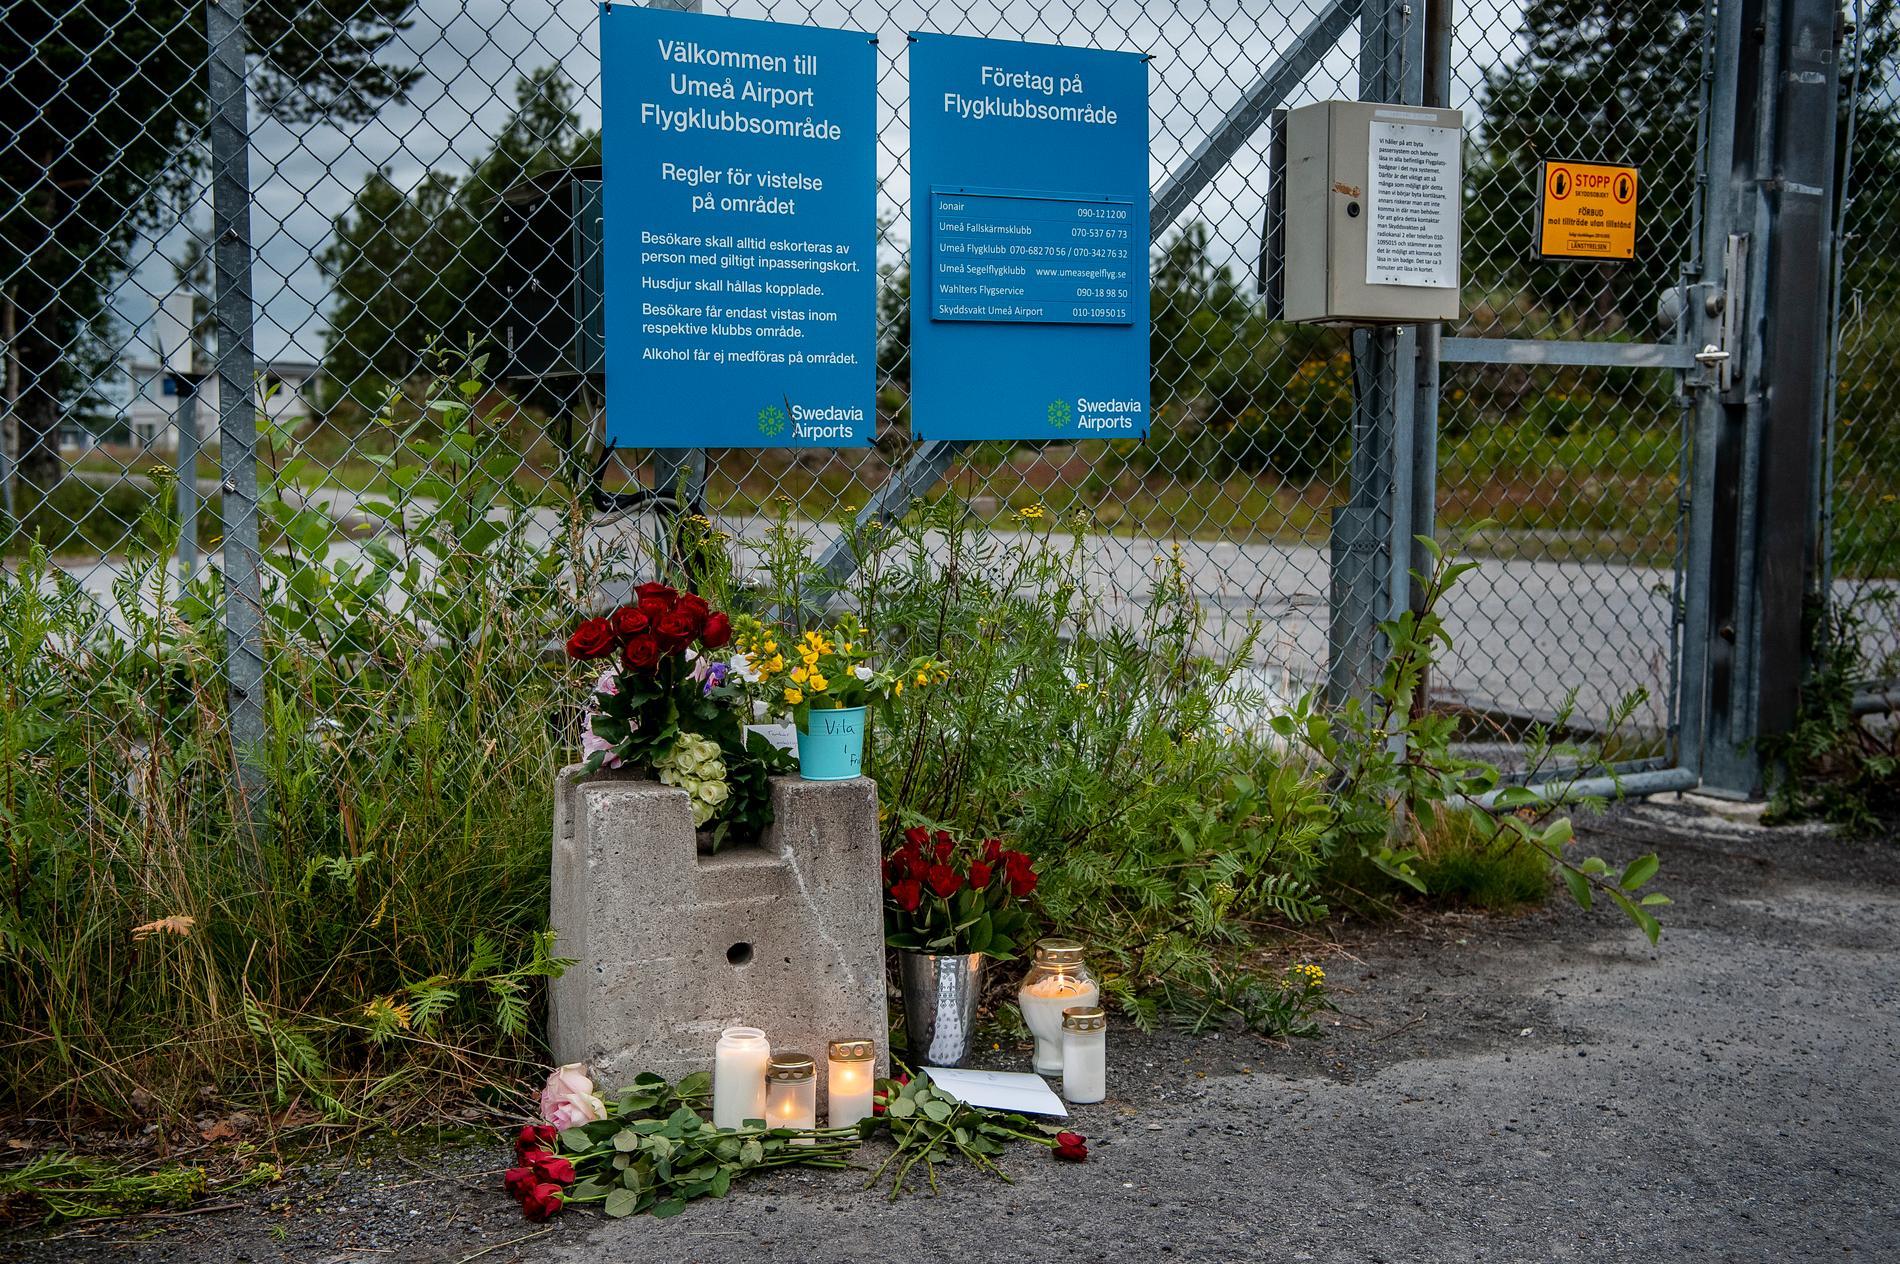 Nio personer omkom då ett enmotorigt flygplan med fallskärmshoppare kraschade på ön Storsandskär i Umeälven i Umeå i juli 2019.